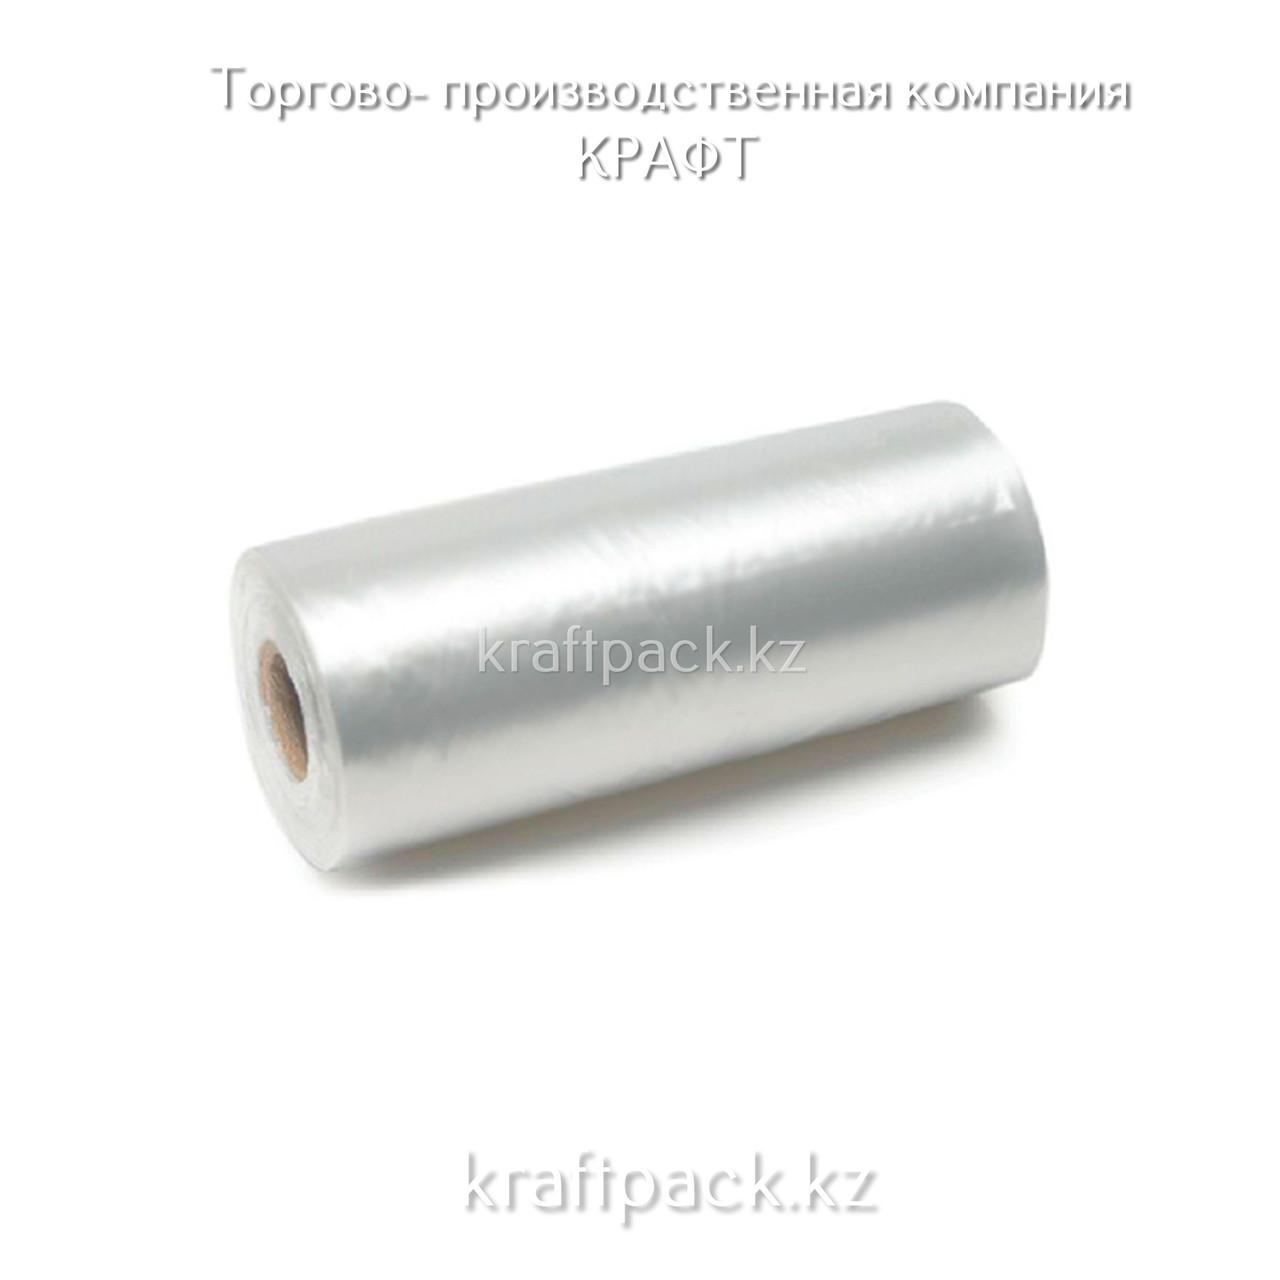 Пакет фасовочный ПНД 25*40 рулон на втулке 10 мкм (500 шт)